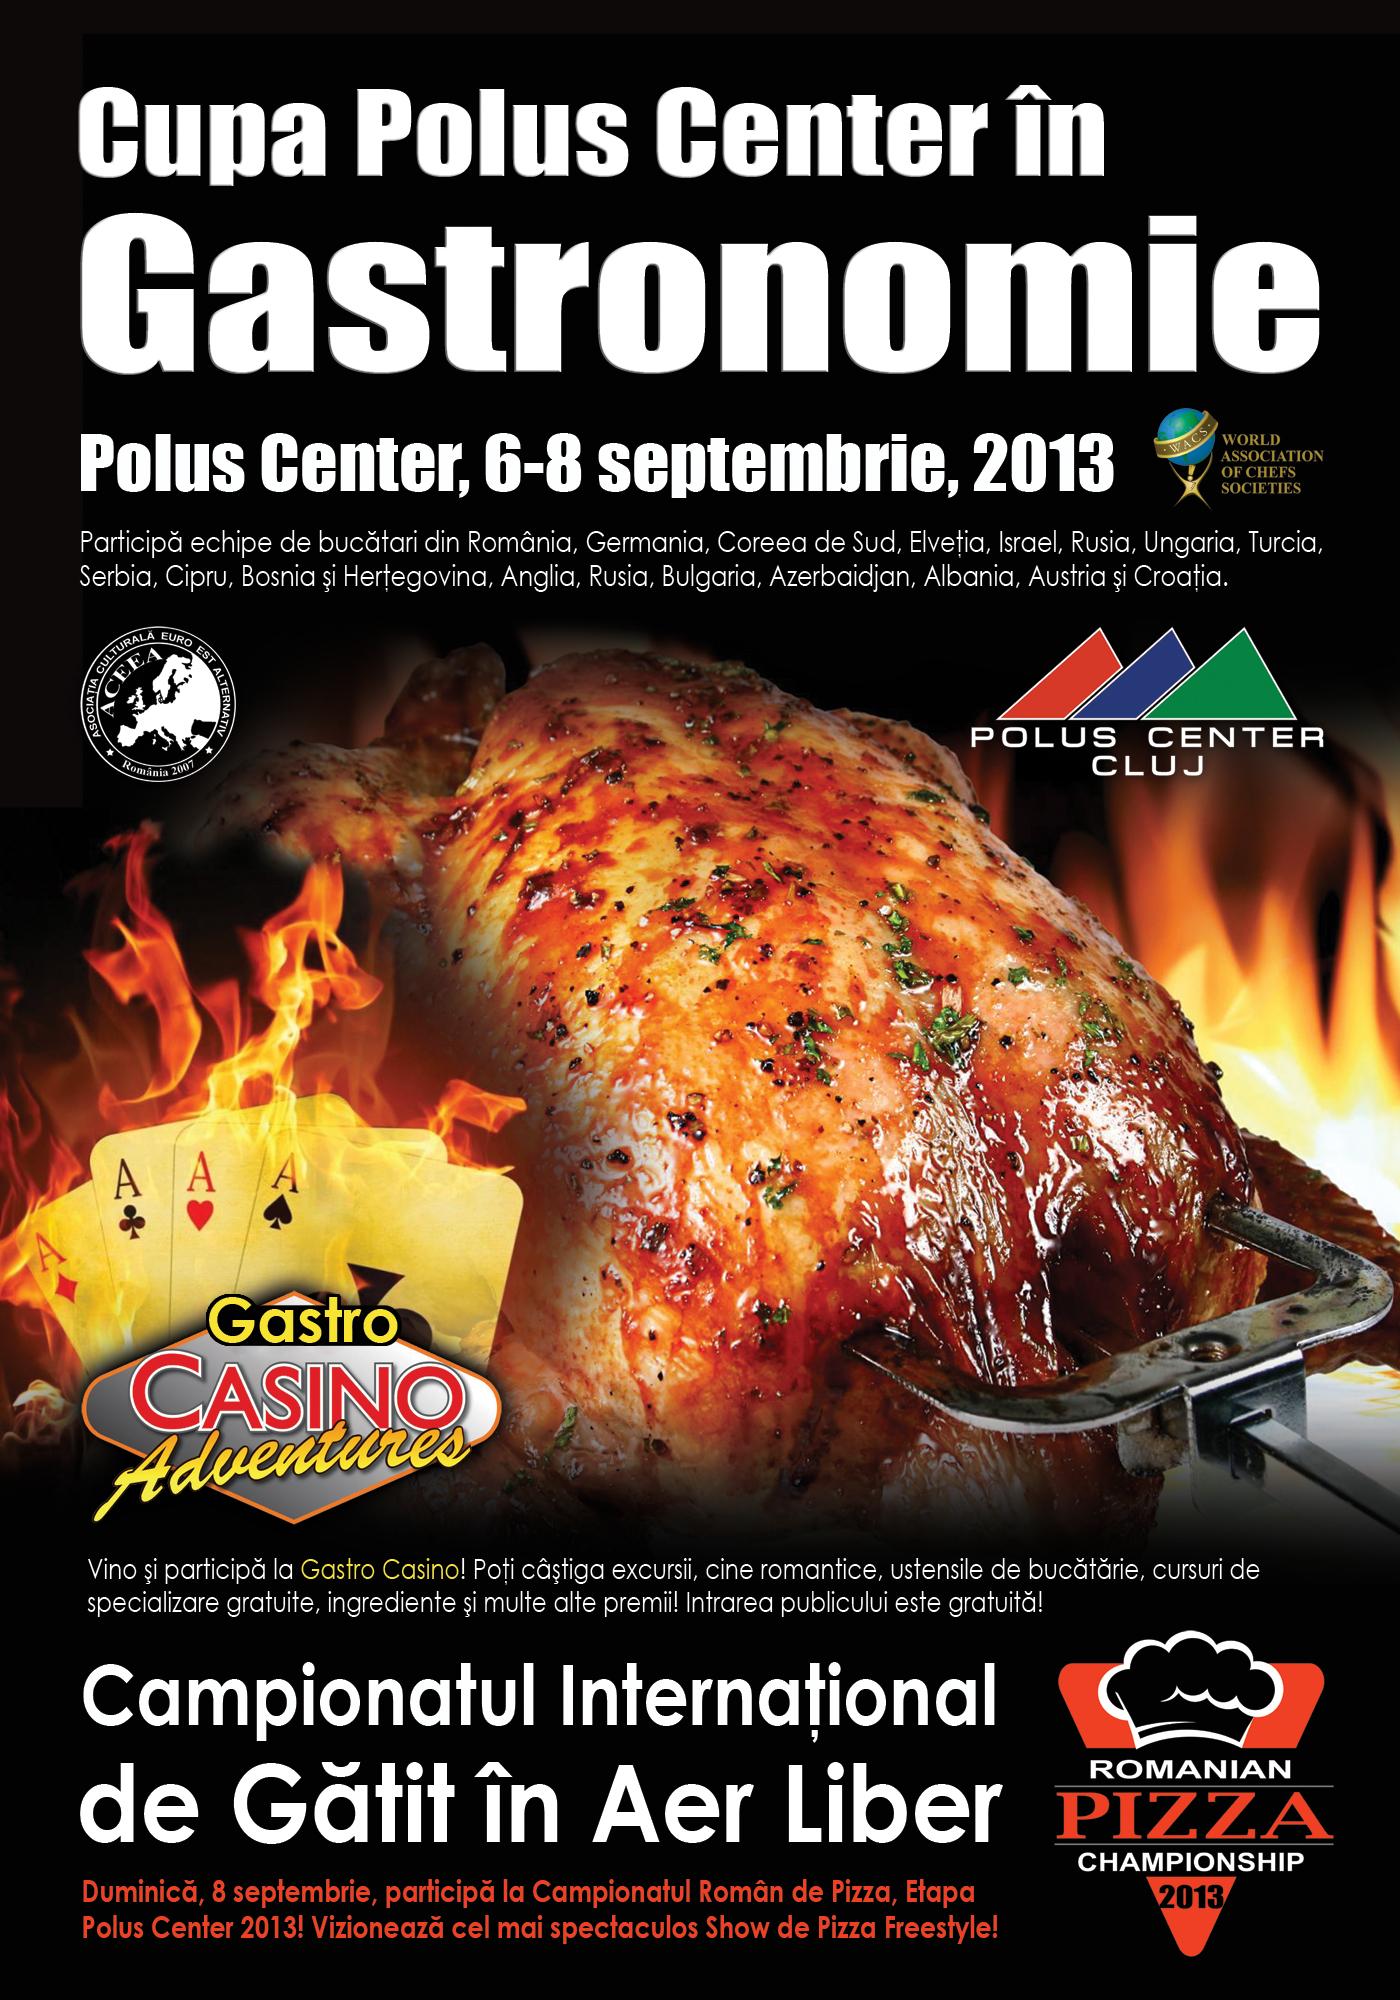 Campionatul Internaţional de Gătit în Aer Liber - ediţia a VII-a